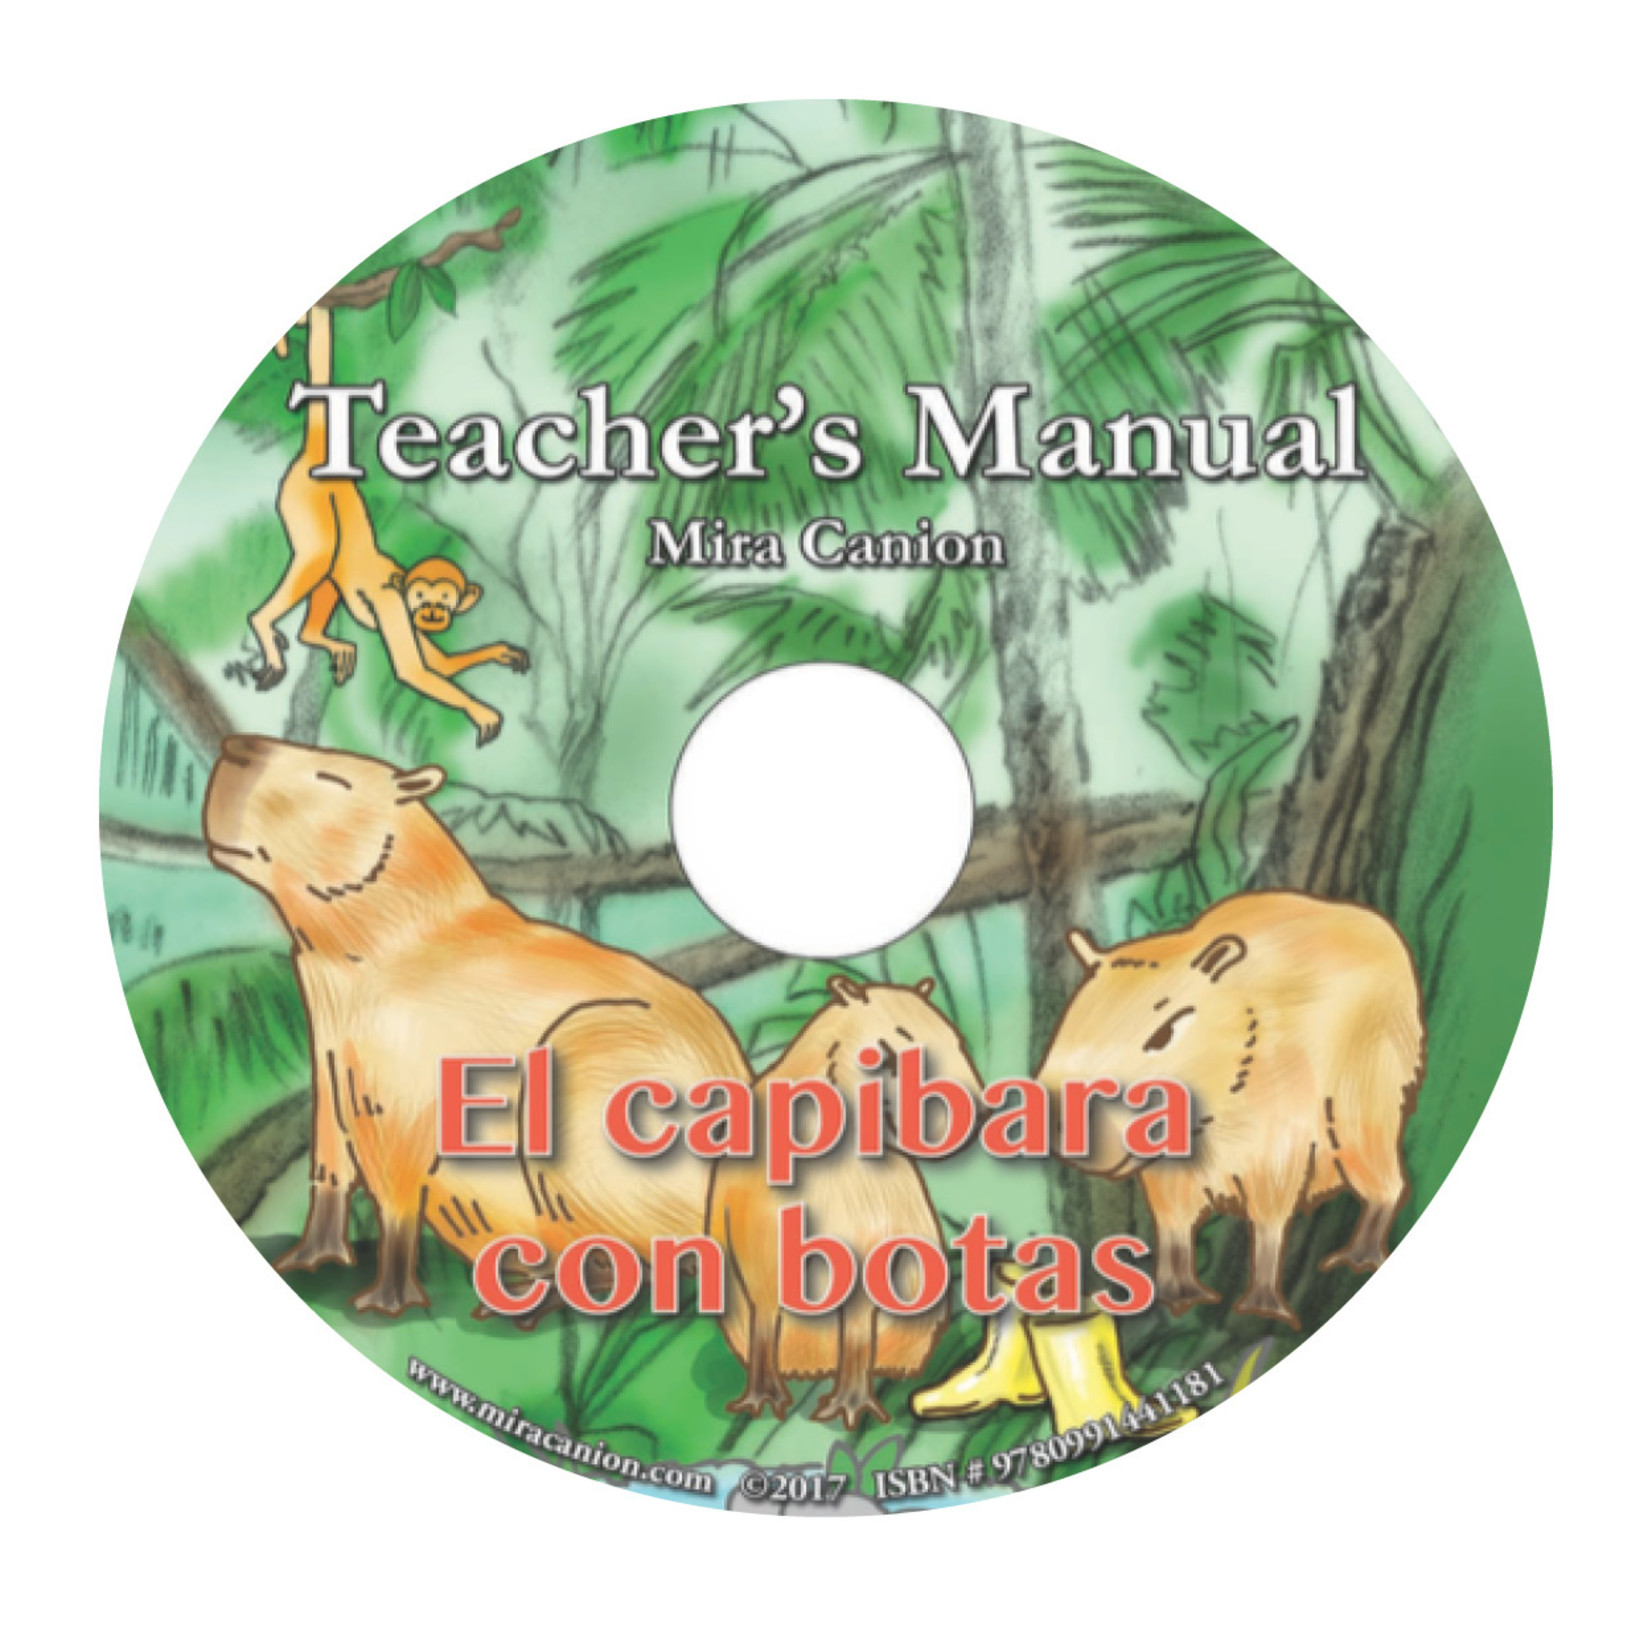 Mira Canion El Capibara con Botas - Teacher's Manual